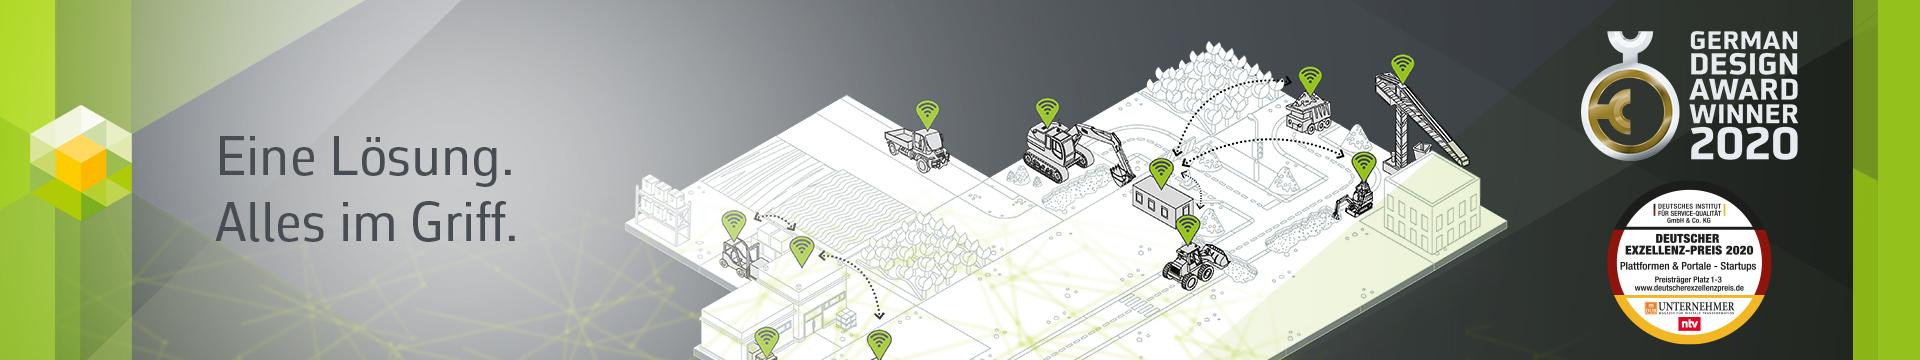 Eine Lösung. Alles im Griff. OneStop Pro definiert das Flottenmanagement neu.